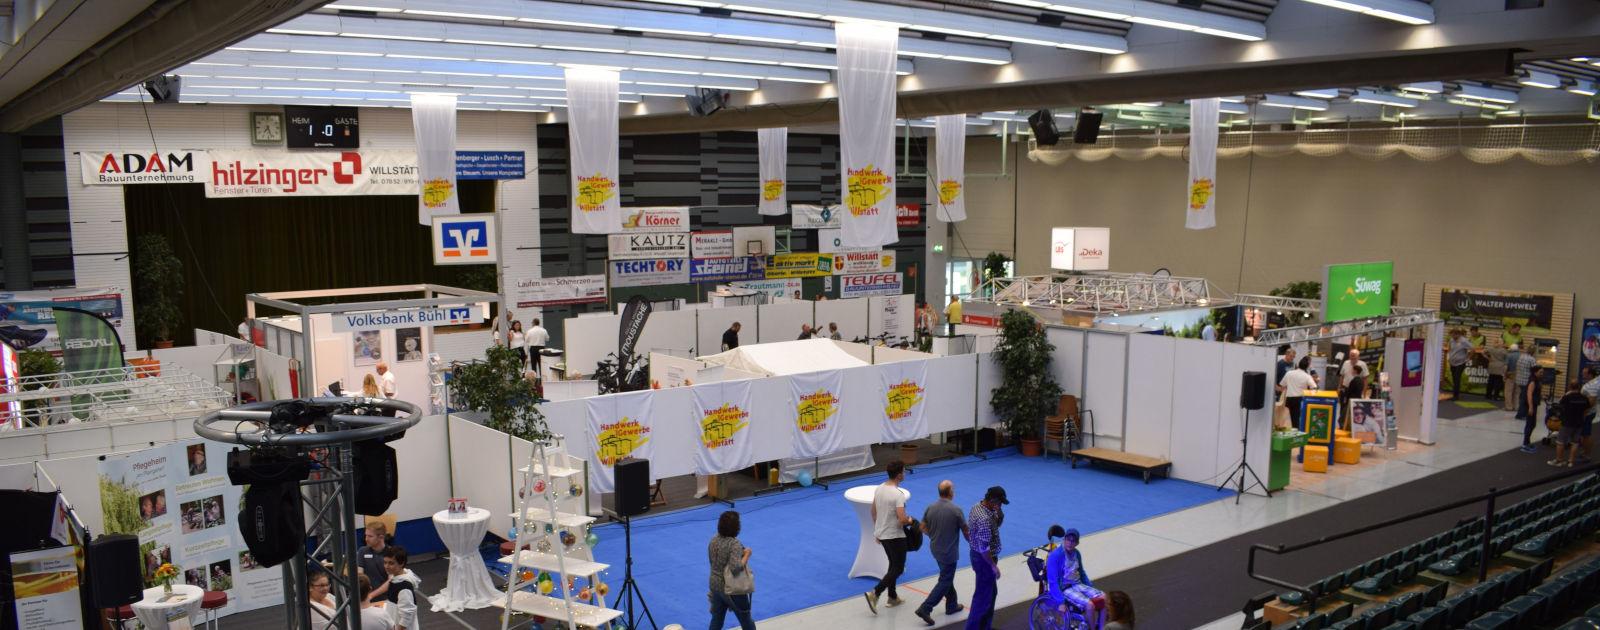 Stände bei der Gewerbeschau 2018 in der Hanauerlandhalle in Willstätt